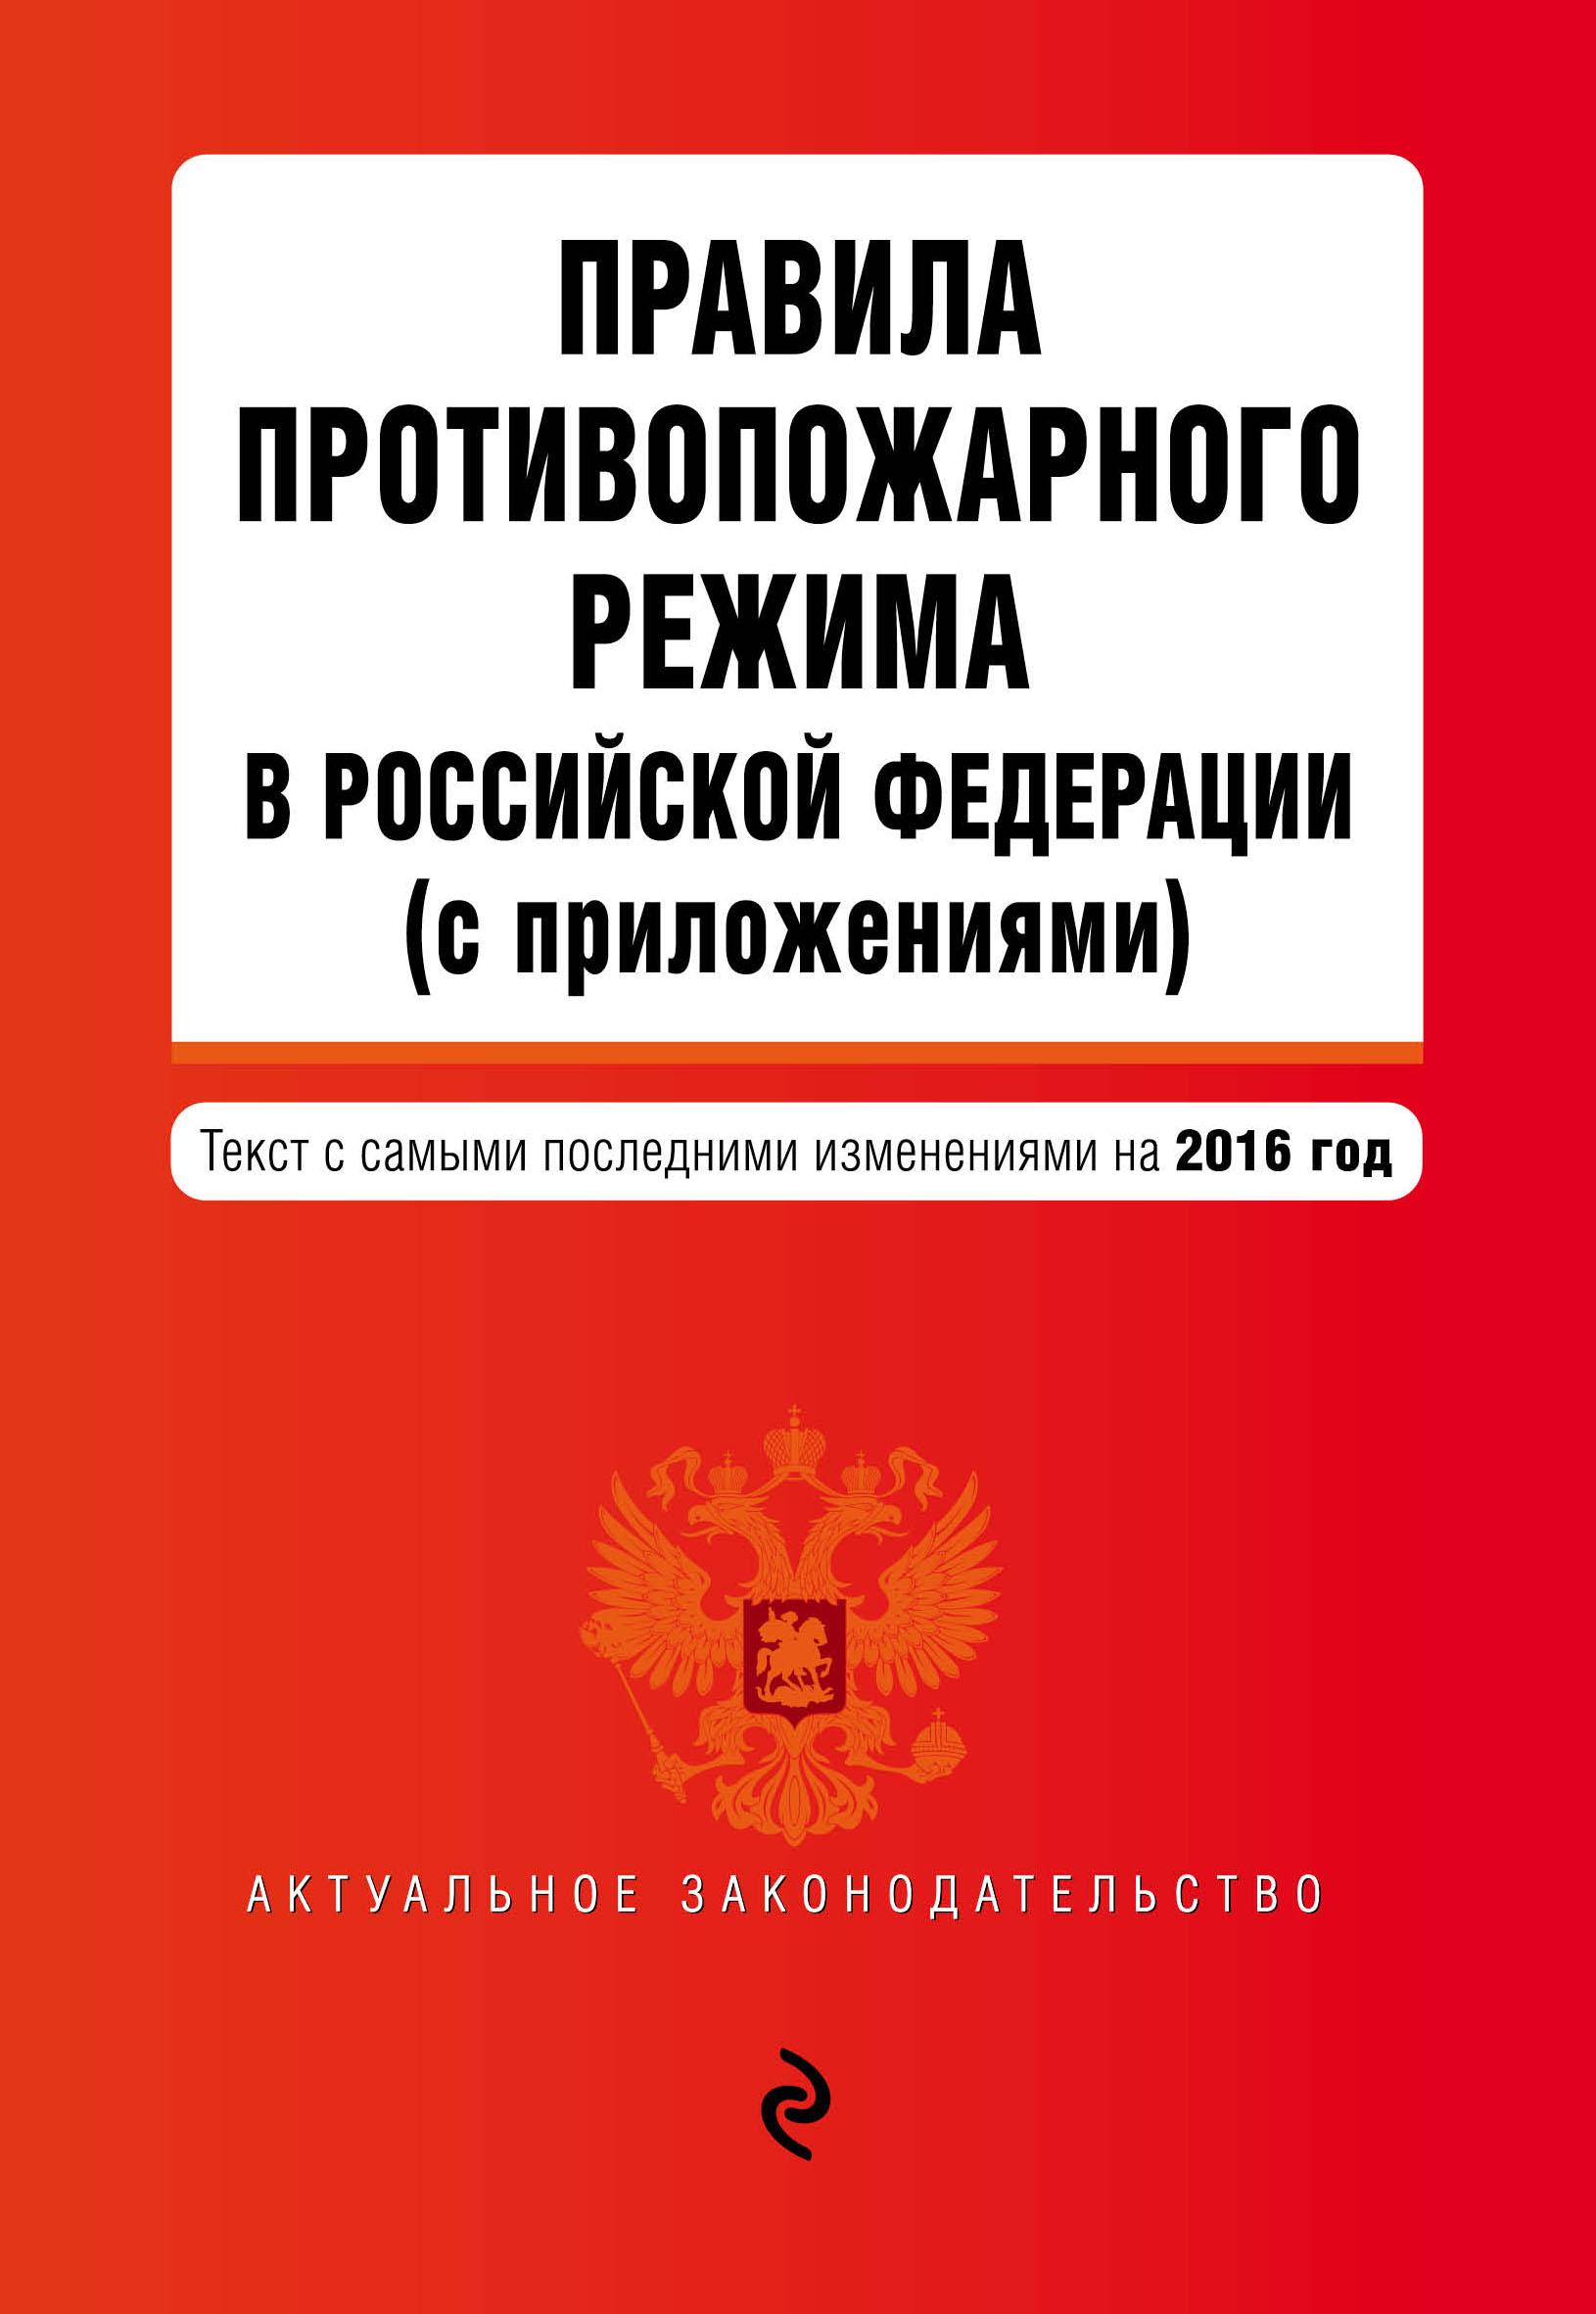 Правила противопожарного режима в Российской Федерации (с приложениями): текст с самыми посл. изм. на 2016 г.